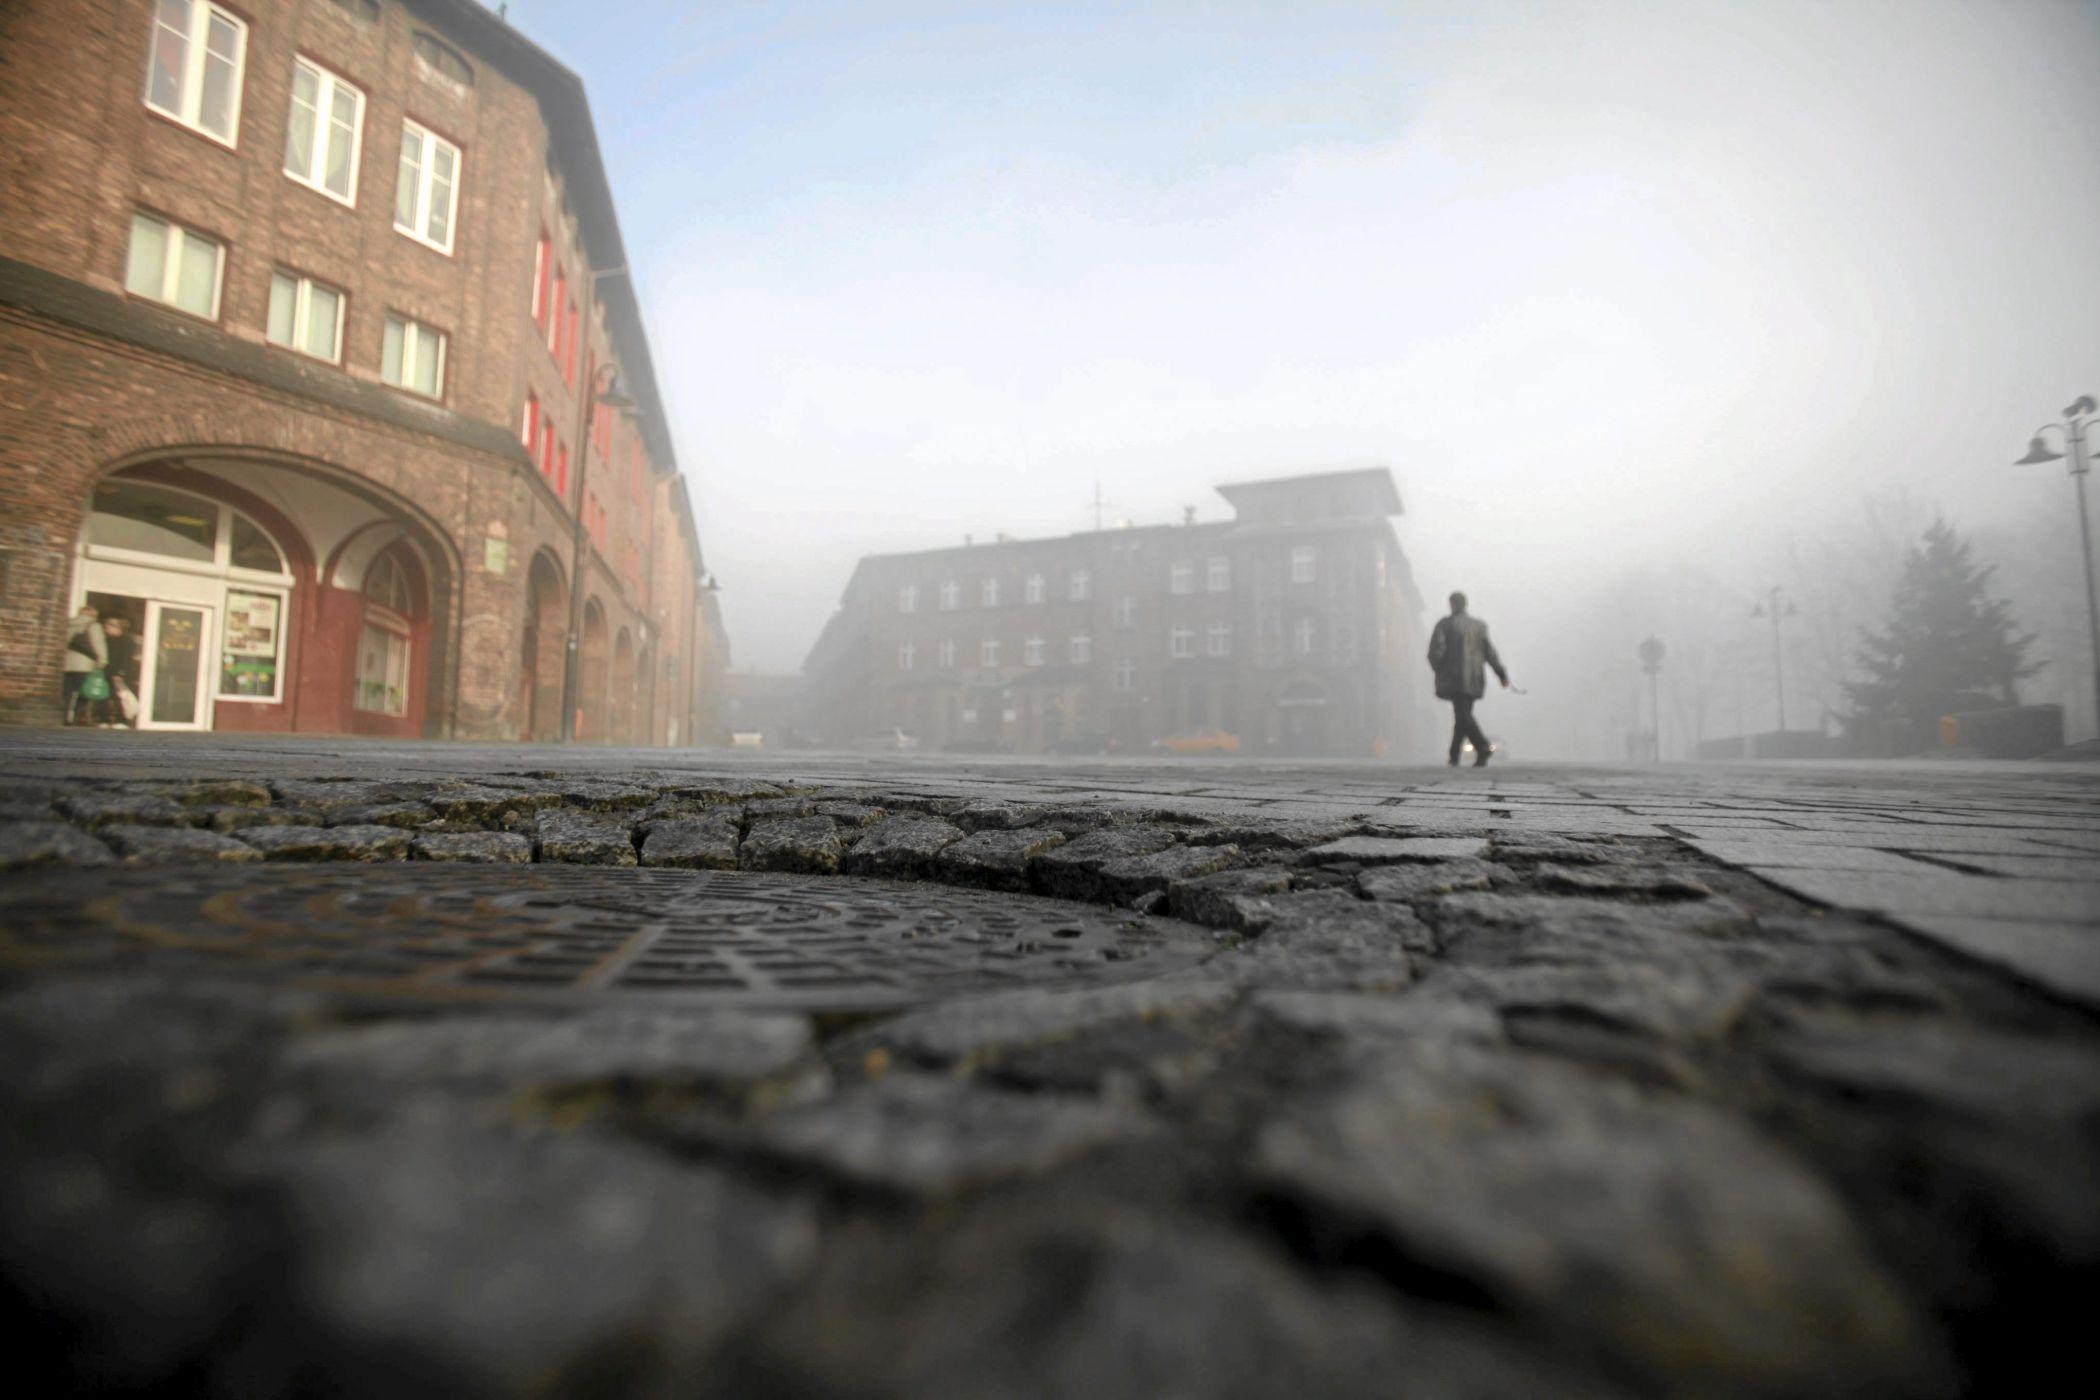 Zabytkowa dzielnica Nikiszowiec w Katowicach (fot. Dawid Chalimoniuk / Agencja Gazeta)